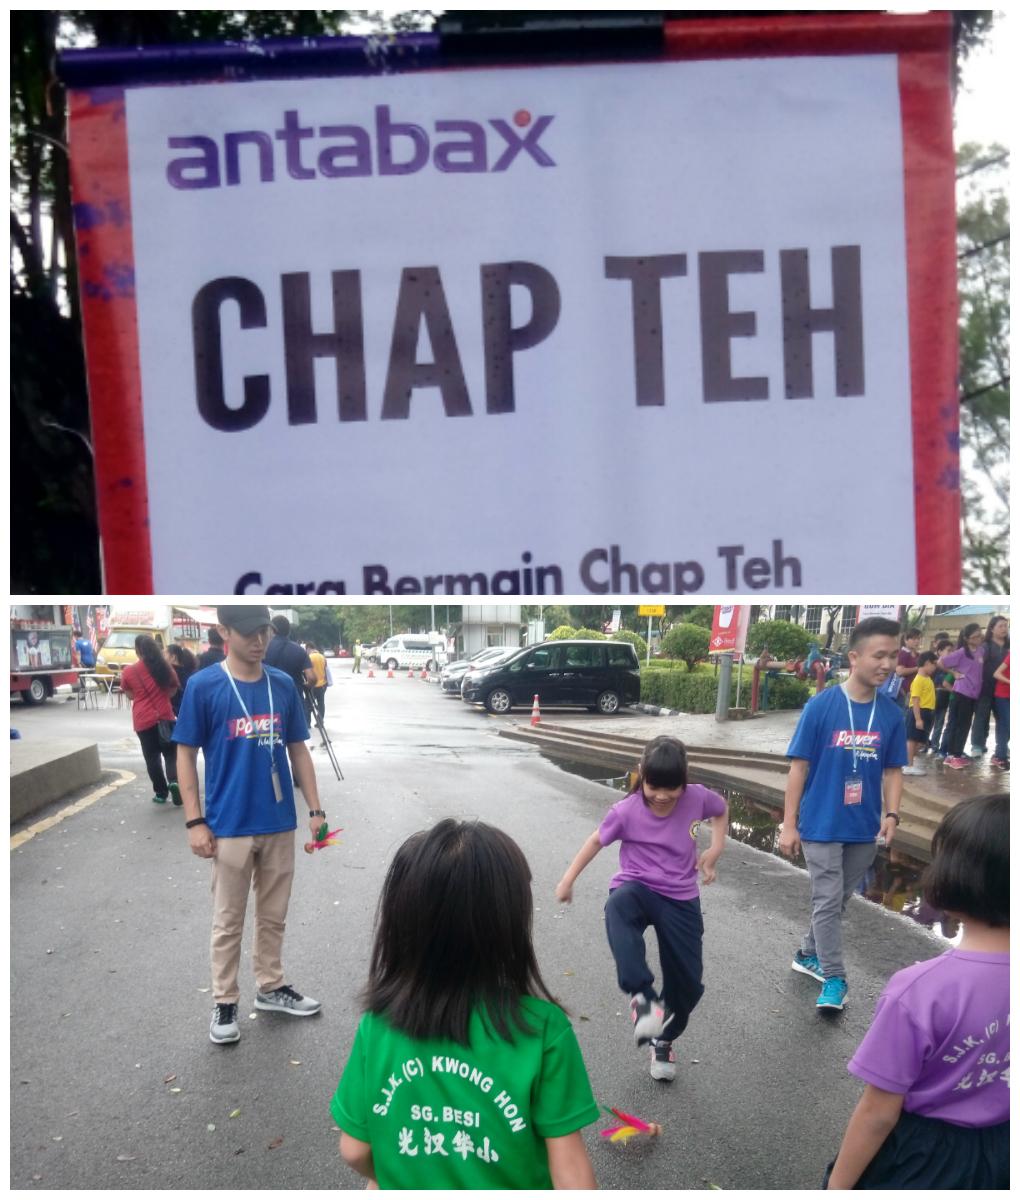 Chap Teh